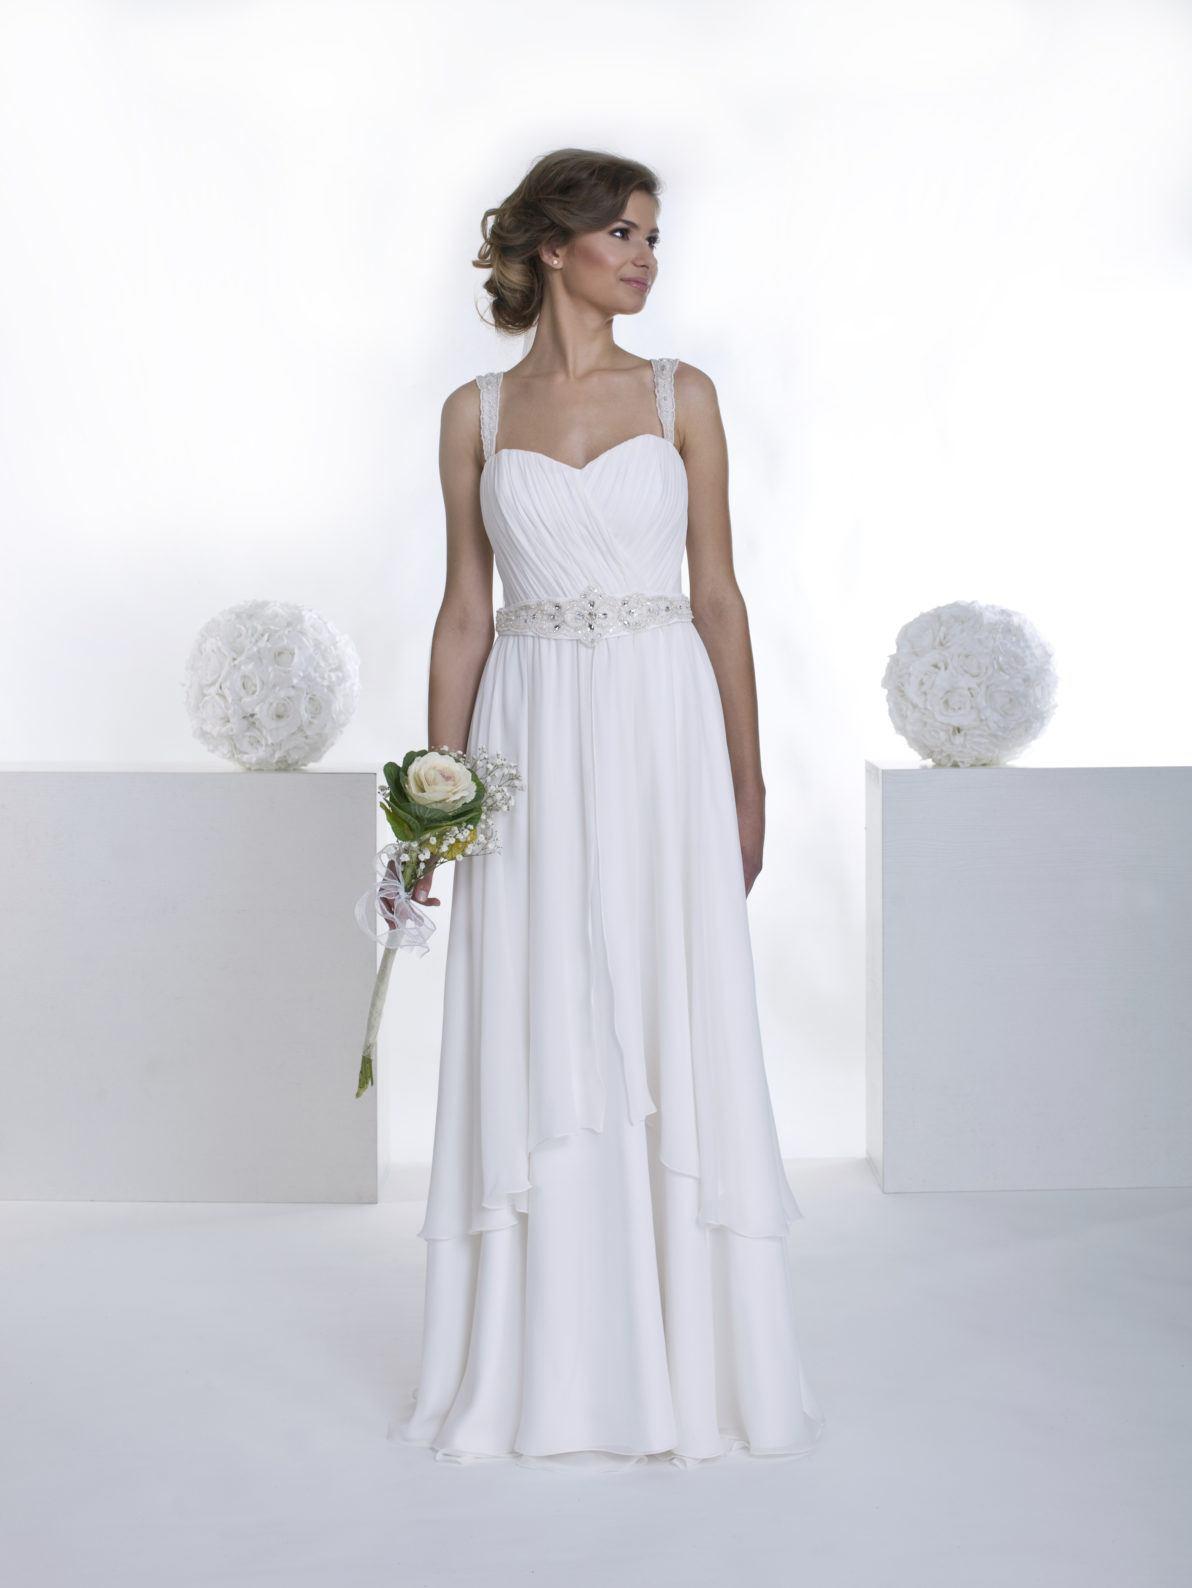 suknia ślubna w stylu greckim z gorsetem na szeleczkach